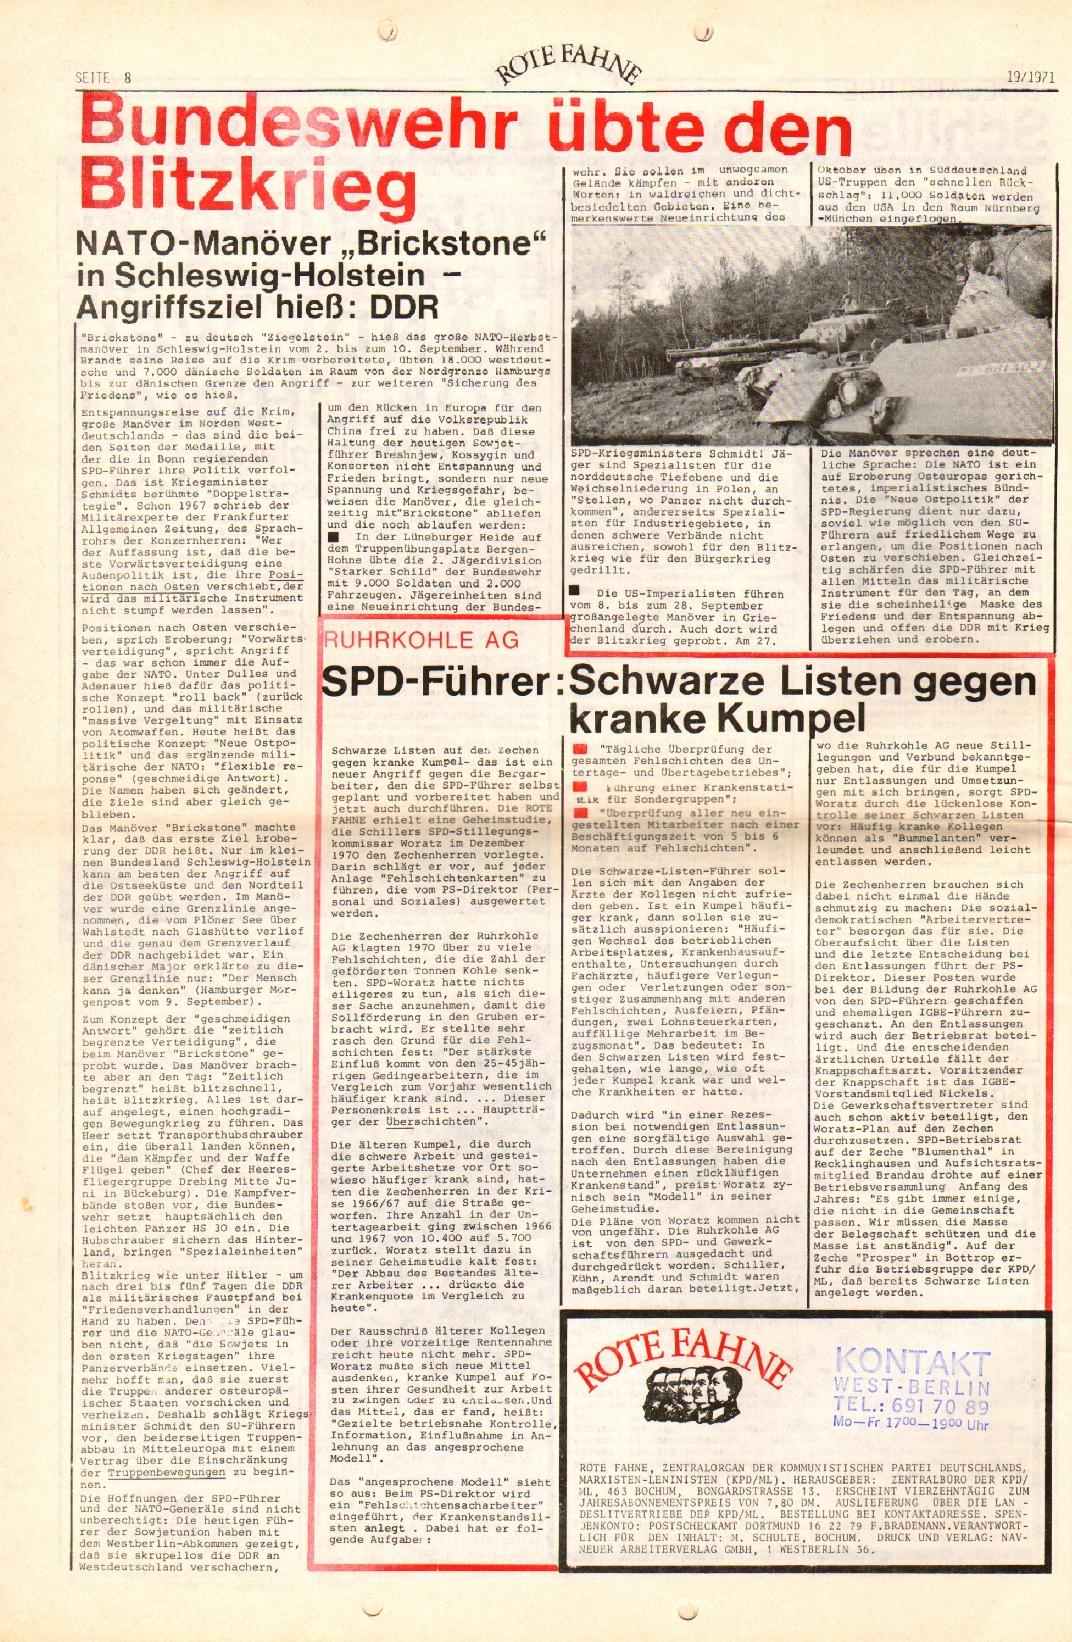 Rote Fahne, 2. Jg., 27.9.1971, Nr. 19, Seite 8